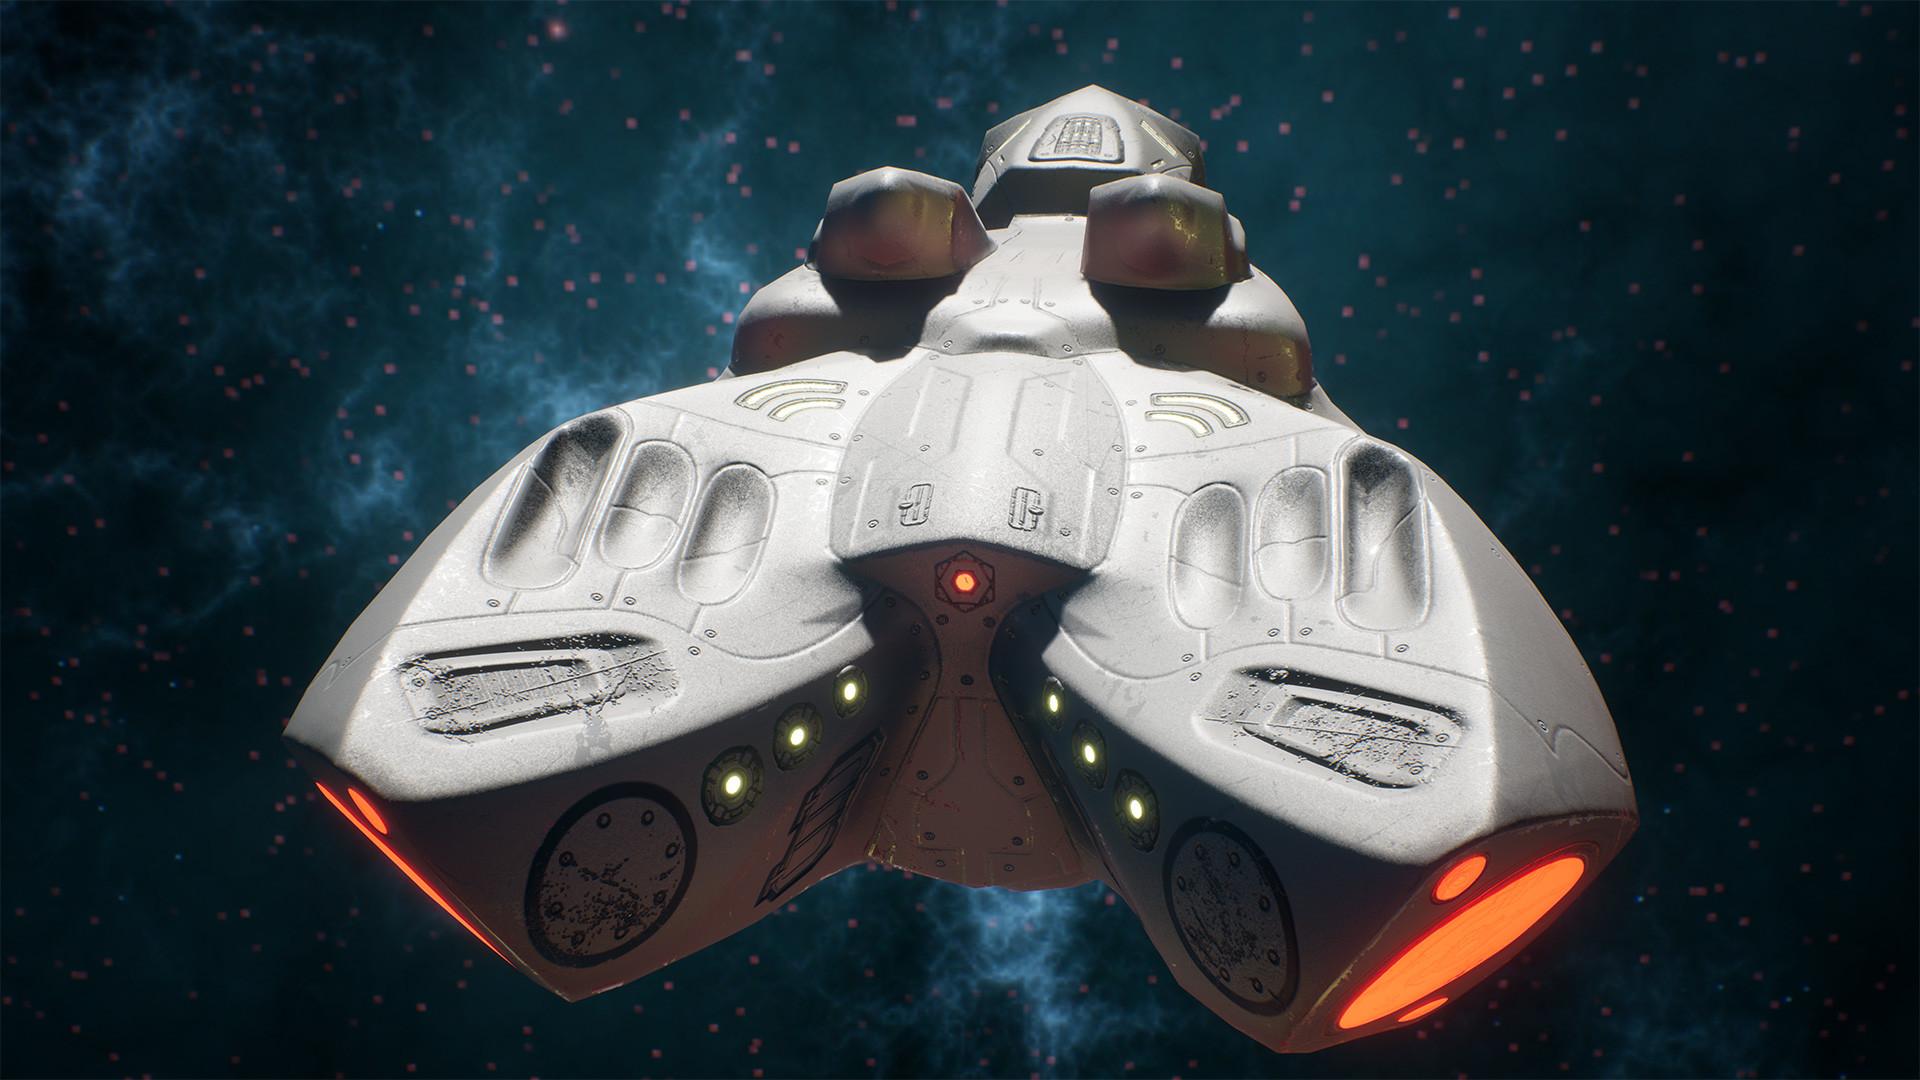 Andrew krivulya spaceship render 03